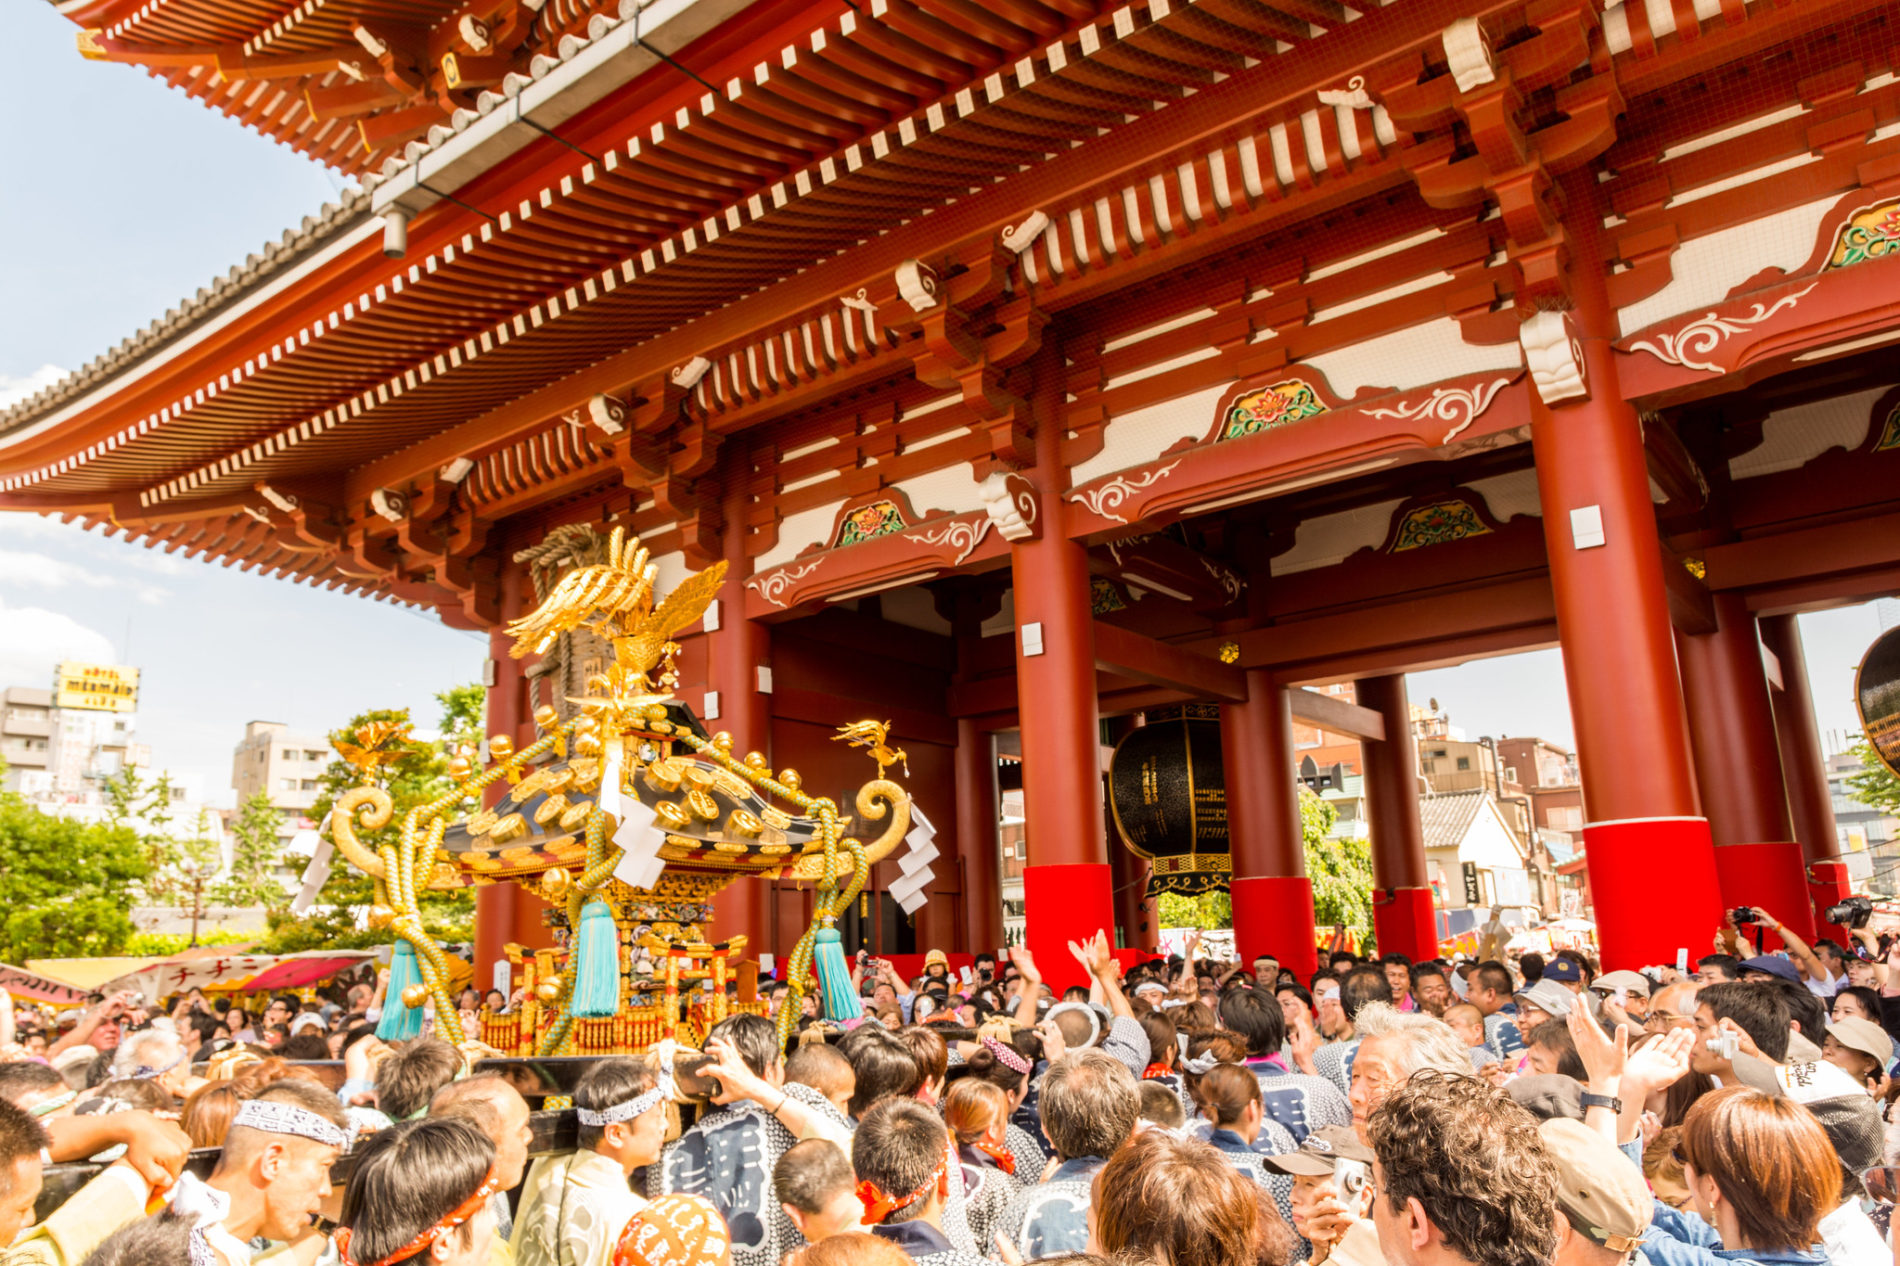 Eines der größten Schreinfeste in Tōkyō: das Asakusa Sanja Matsuri jedes Jahr im Mai.